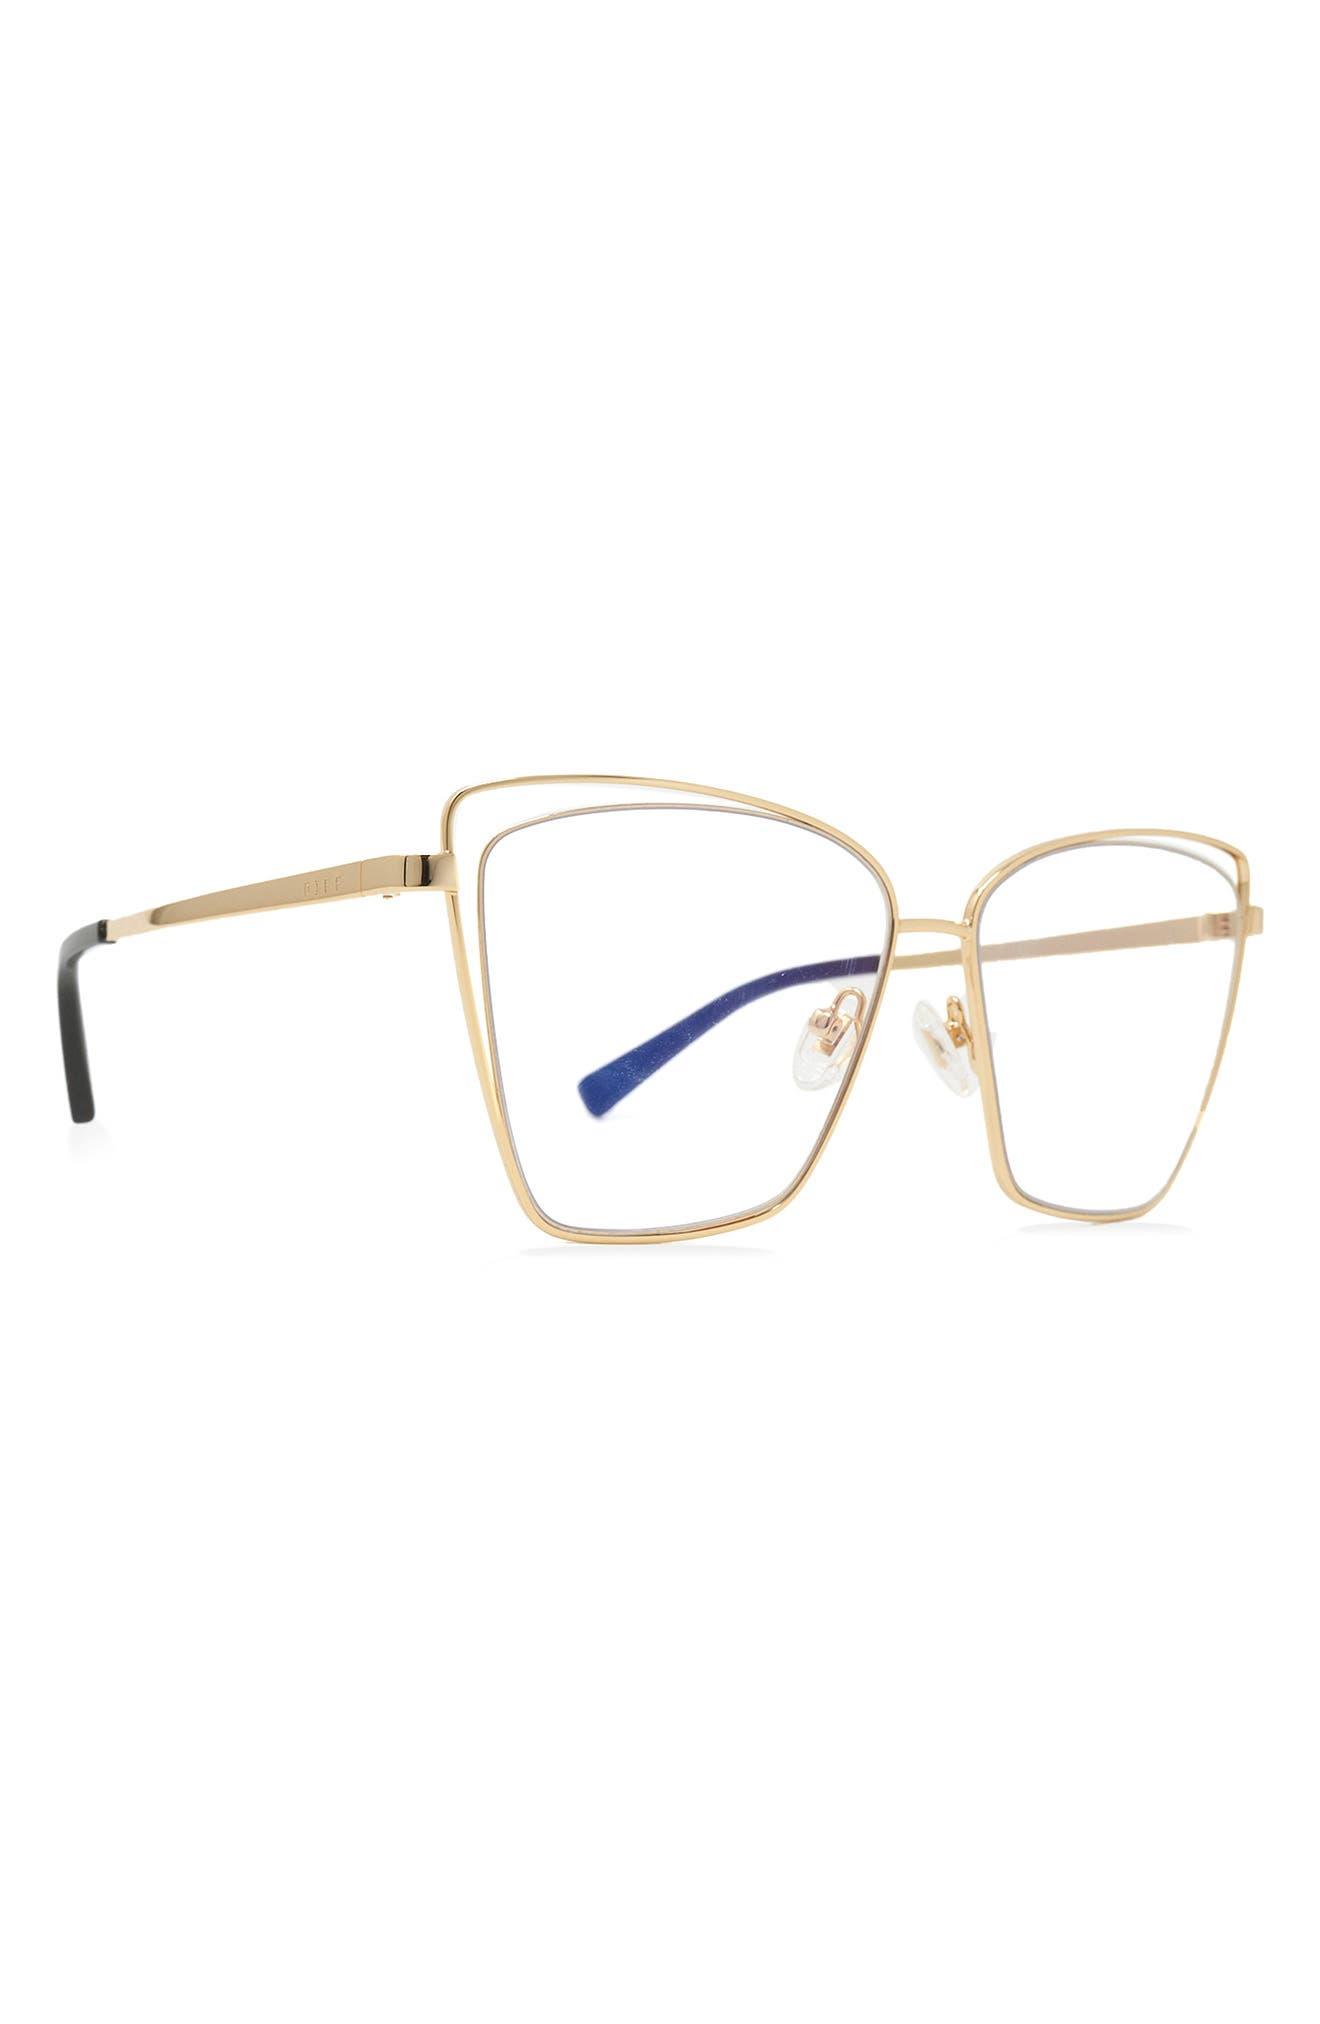 Becky Iii 57mm Cat Eye Optical Glasses